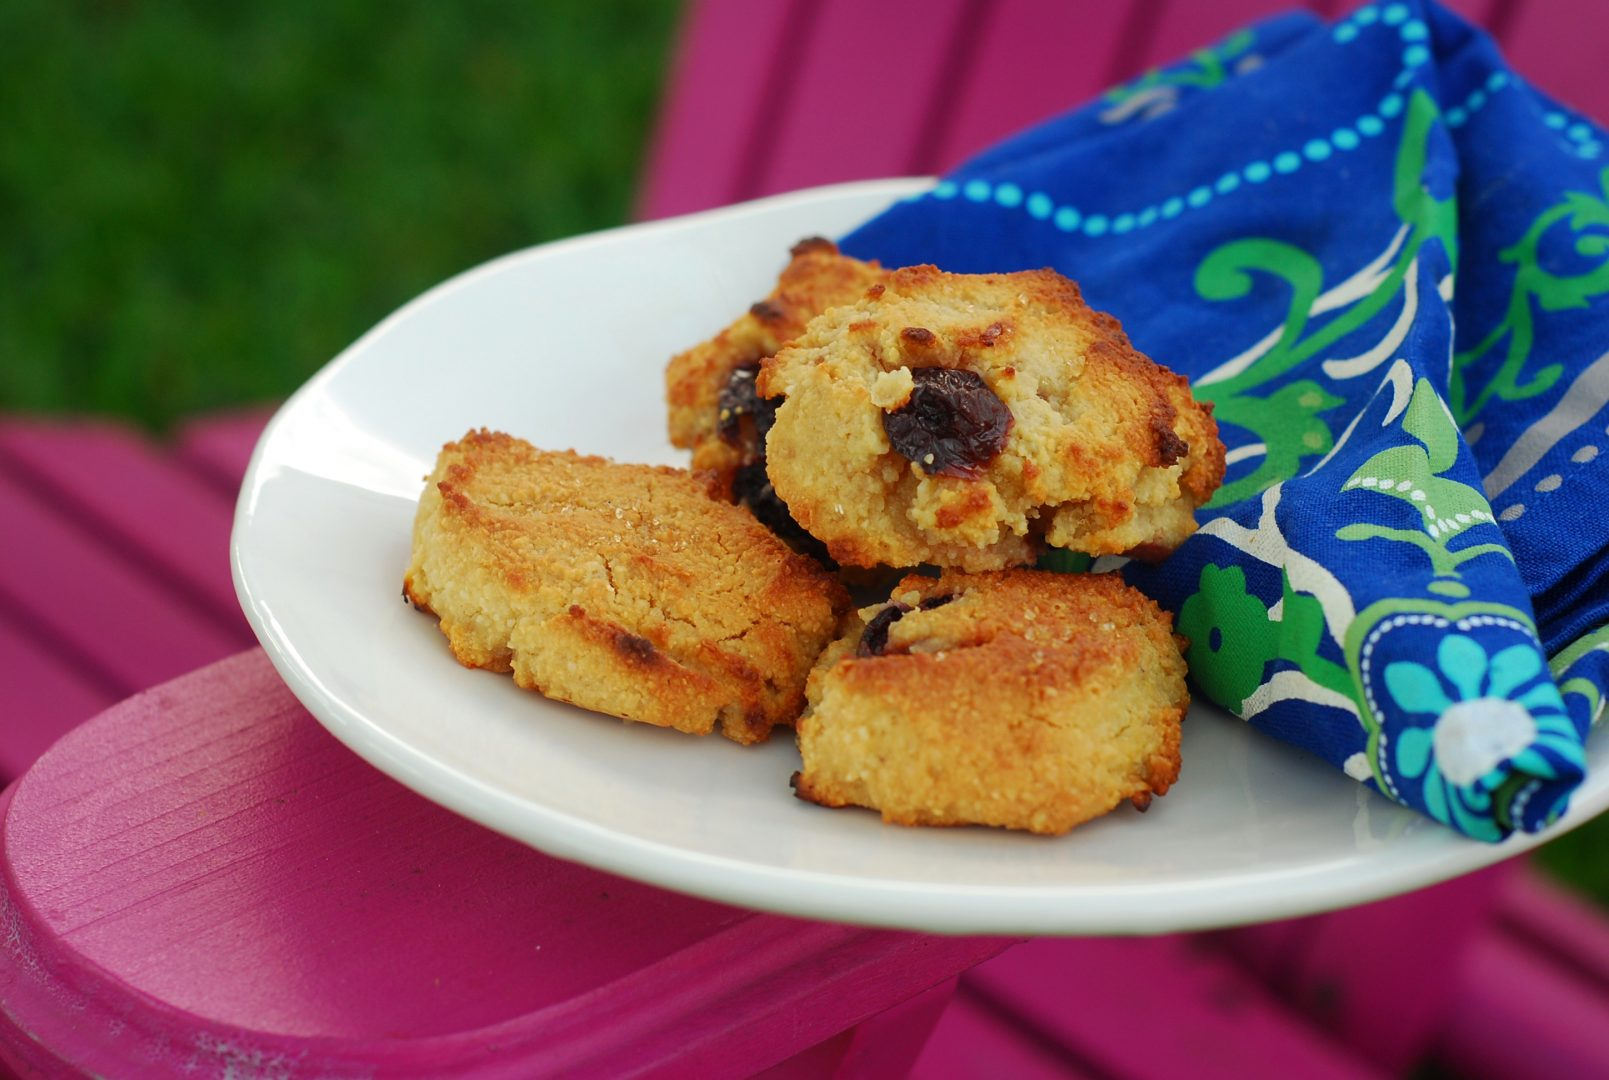 paleo scone recipe_gluten free scone recipe